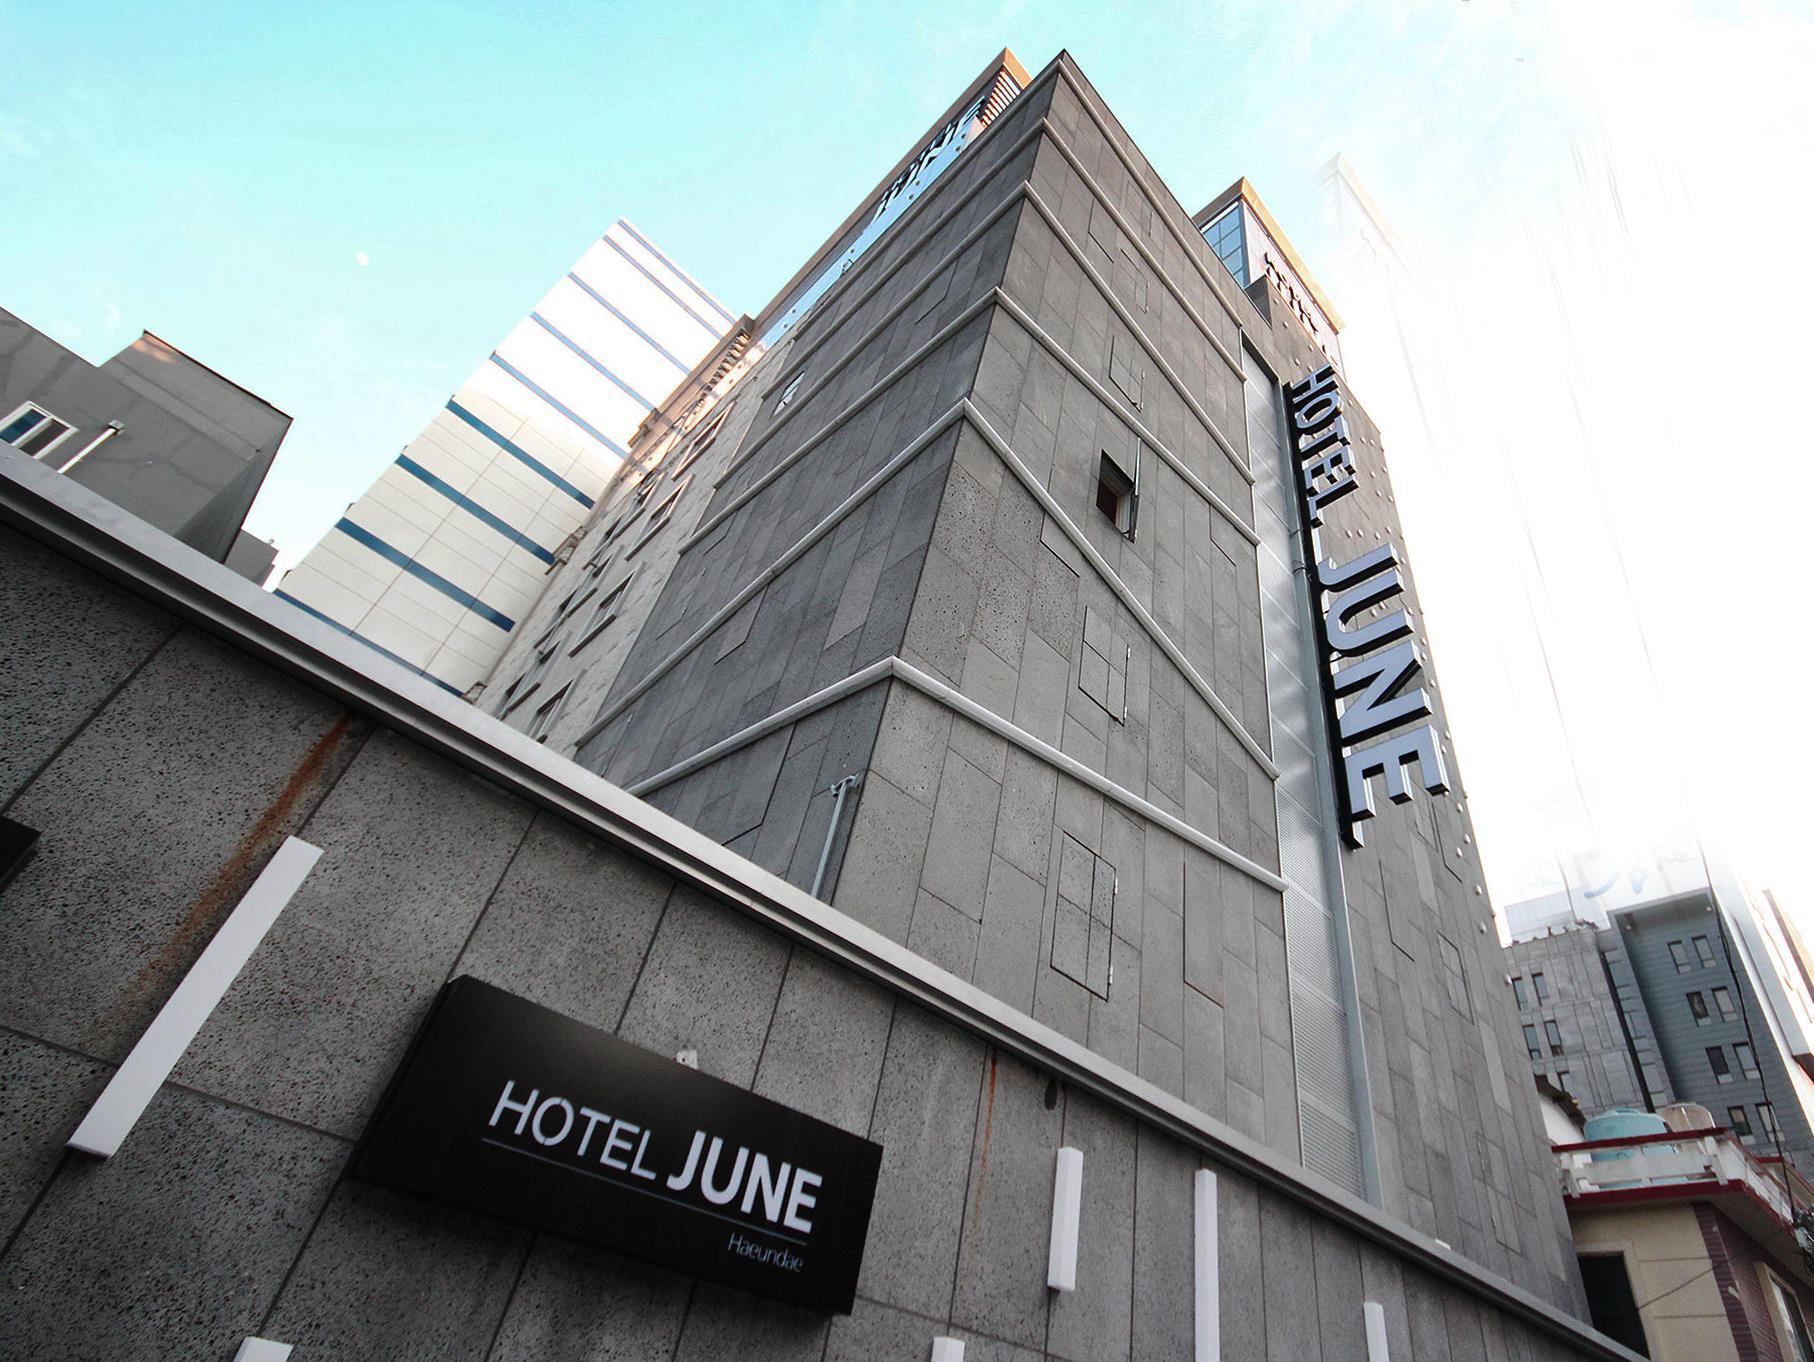 Haeundae Hotel June